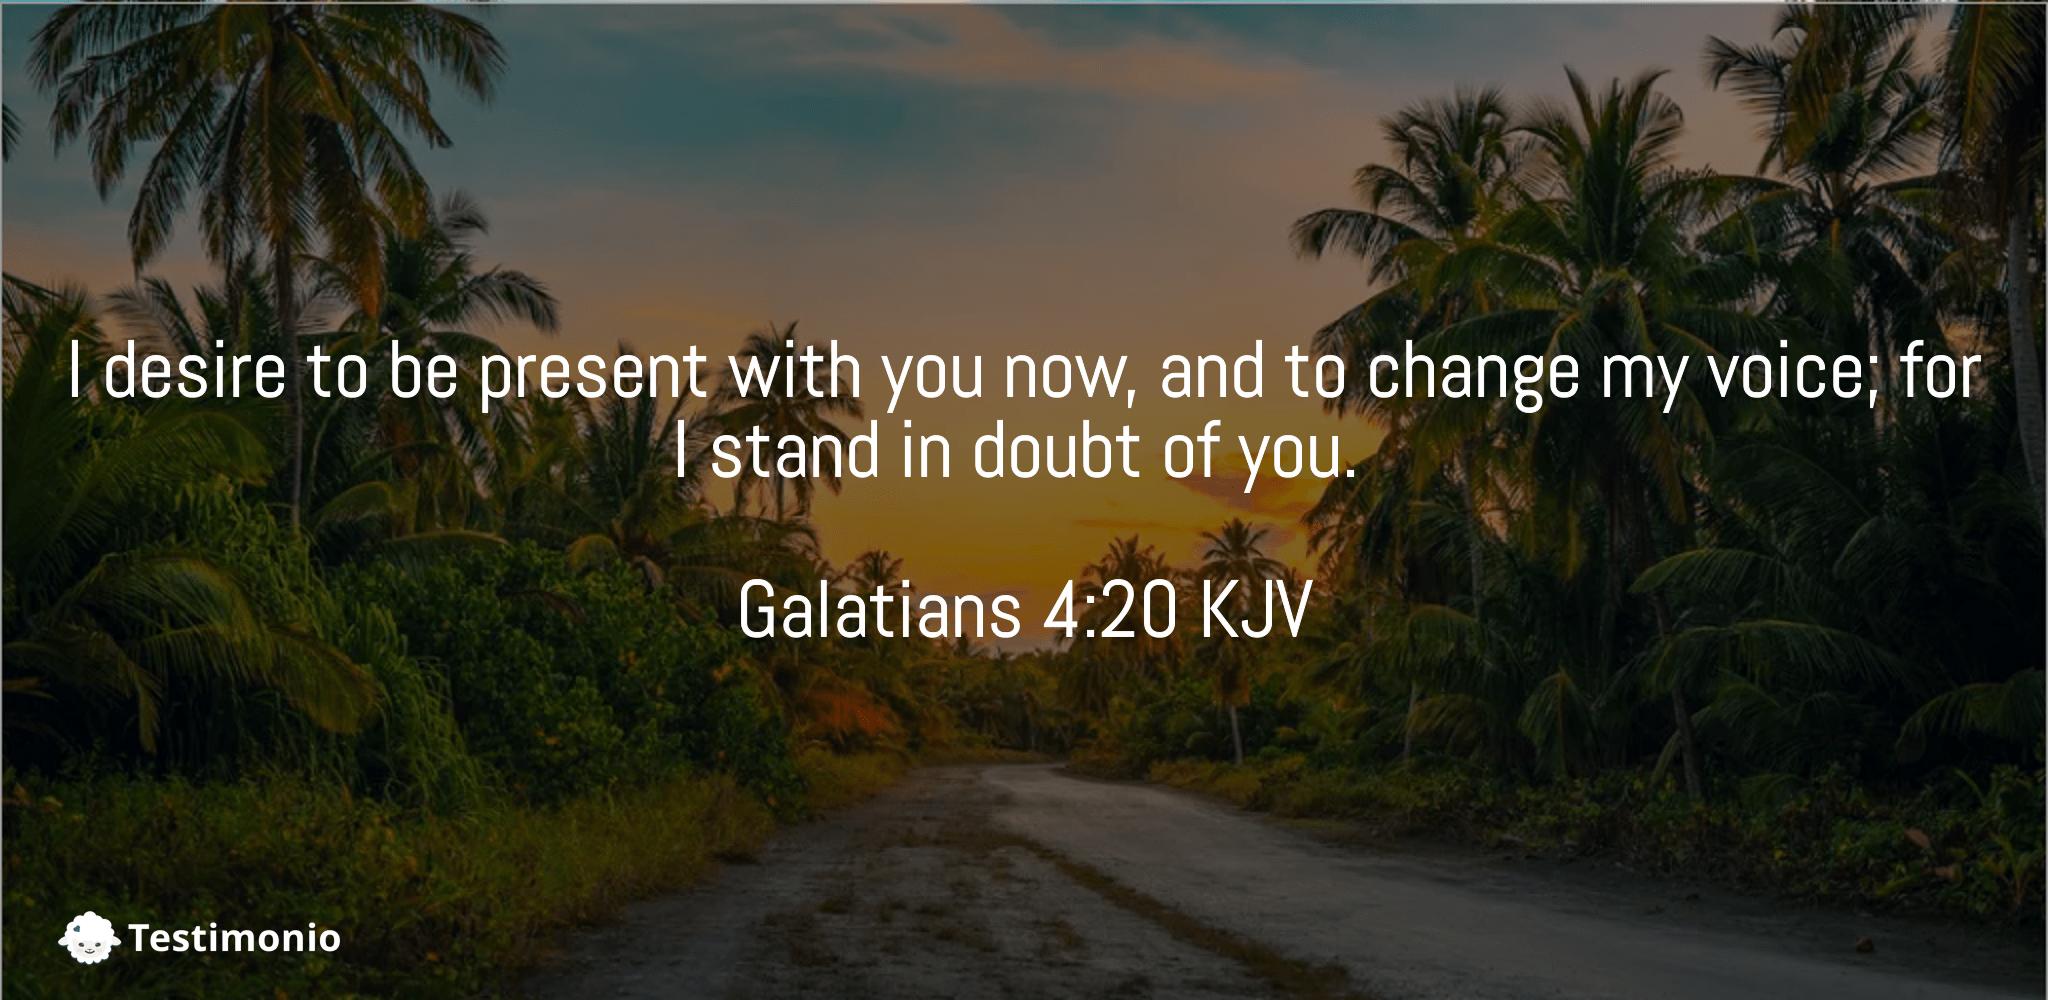 Galatians 4:20